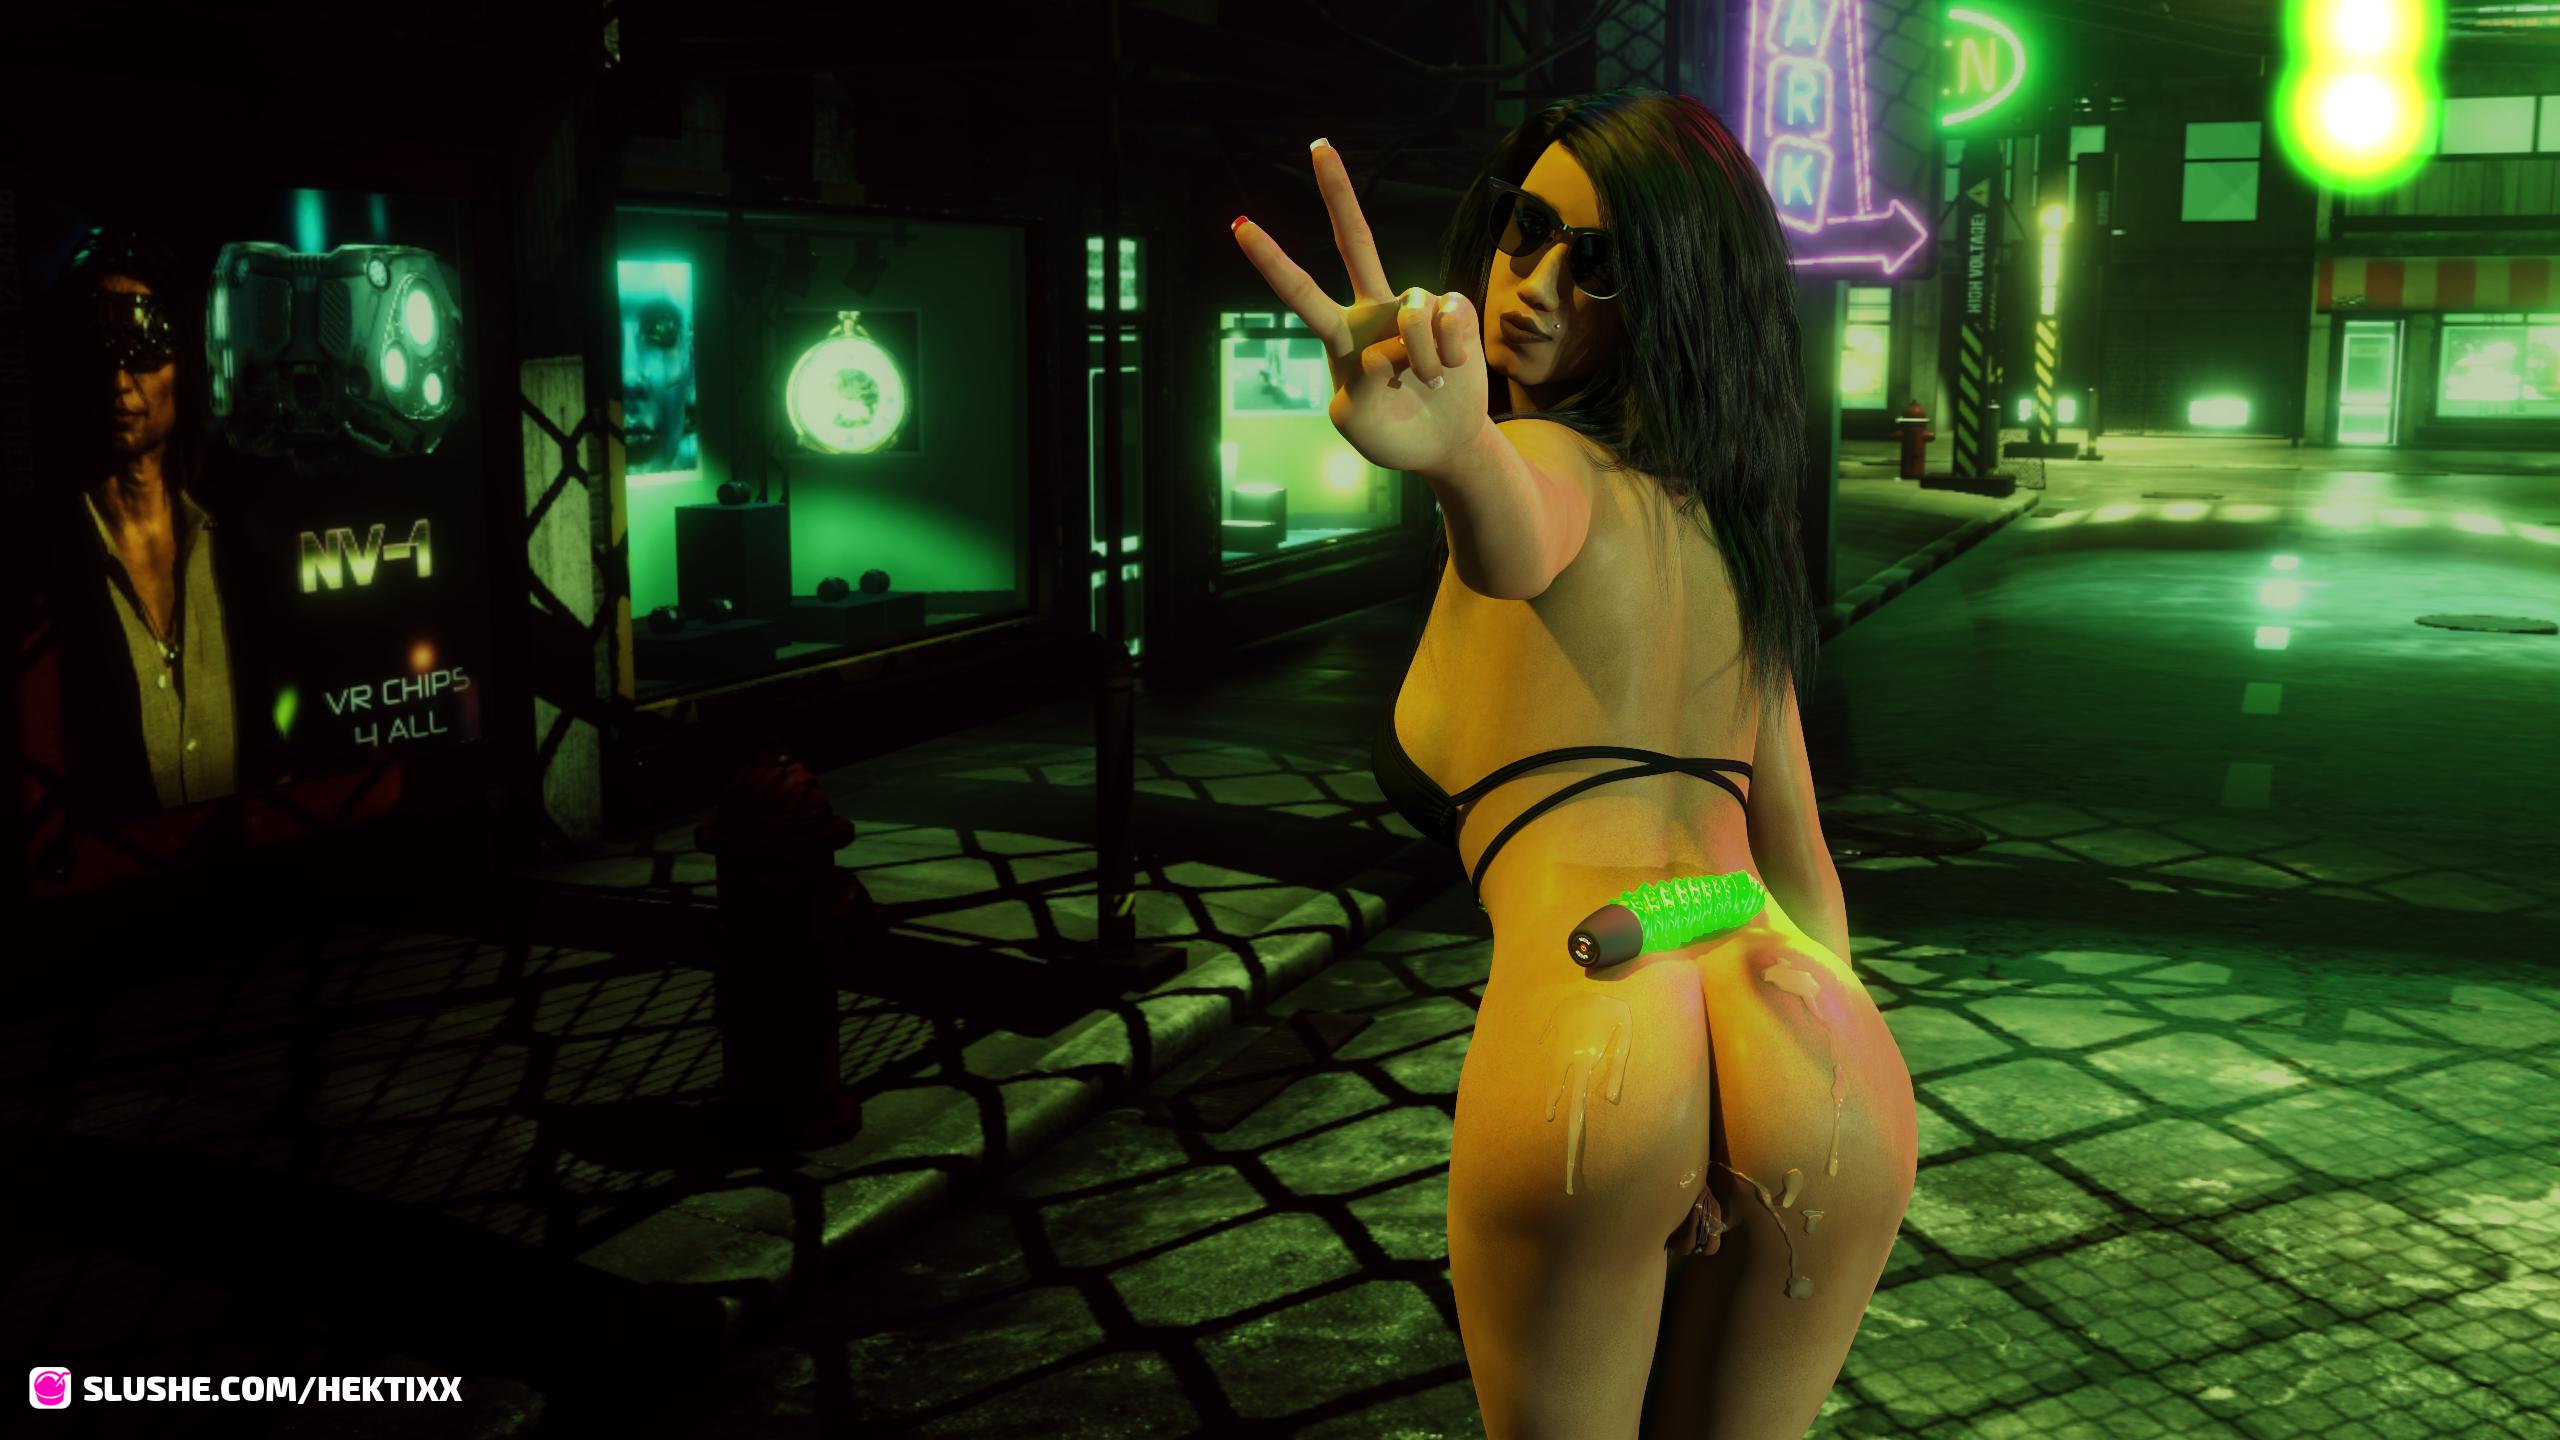 In the Cyberstreet